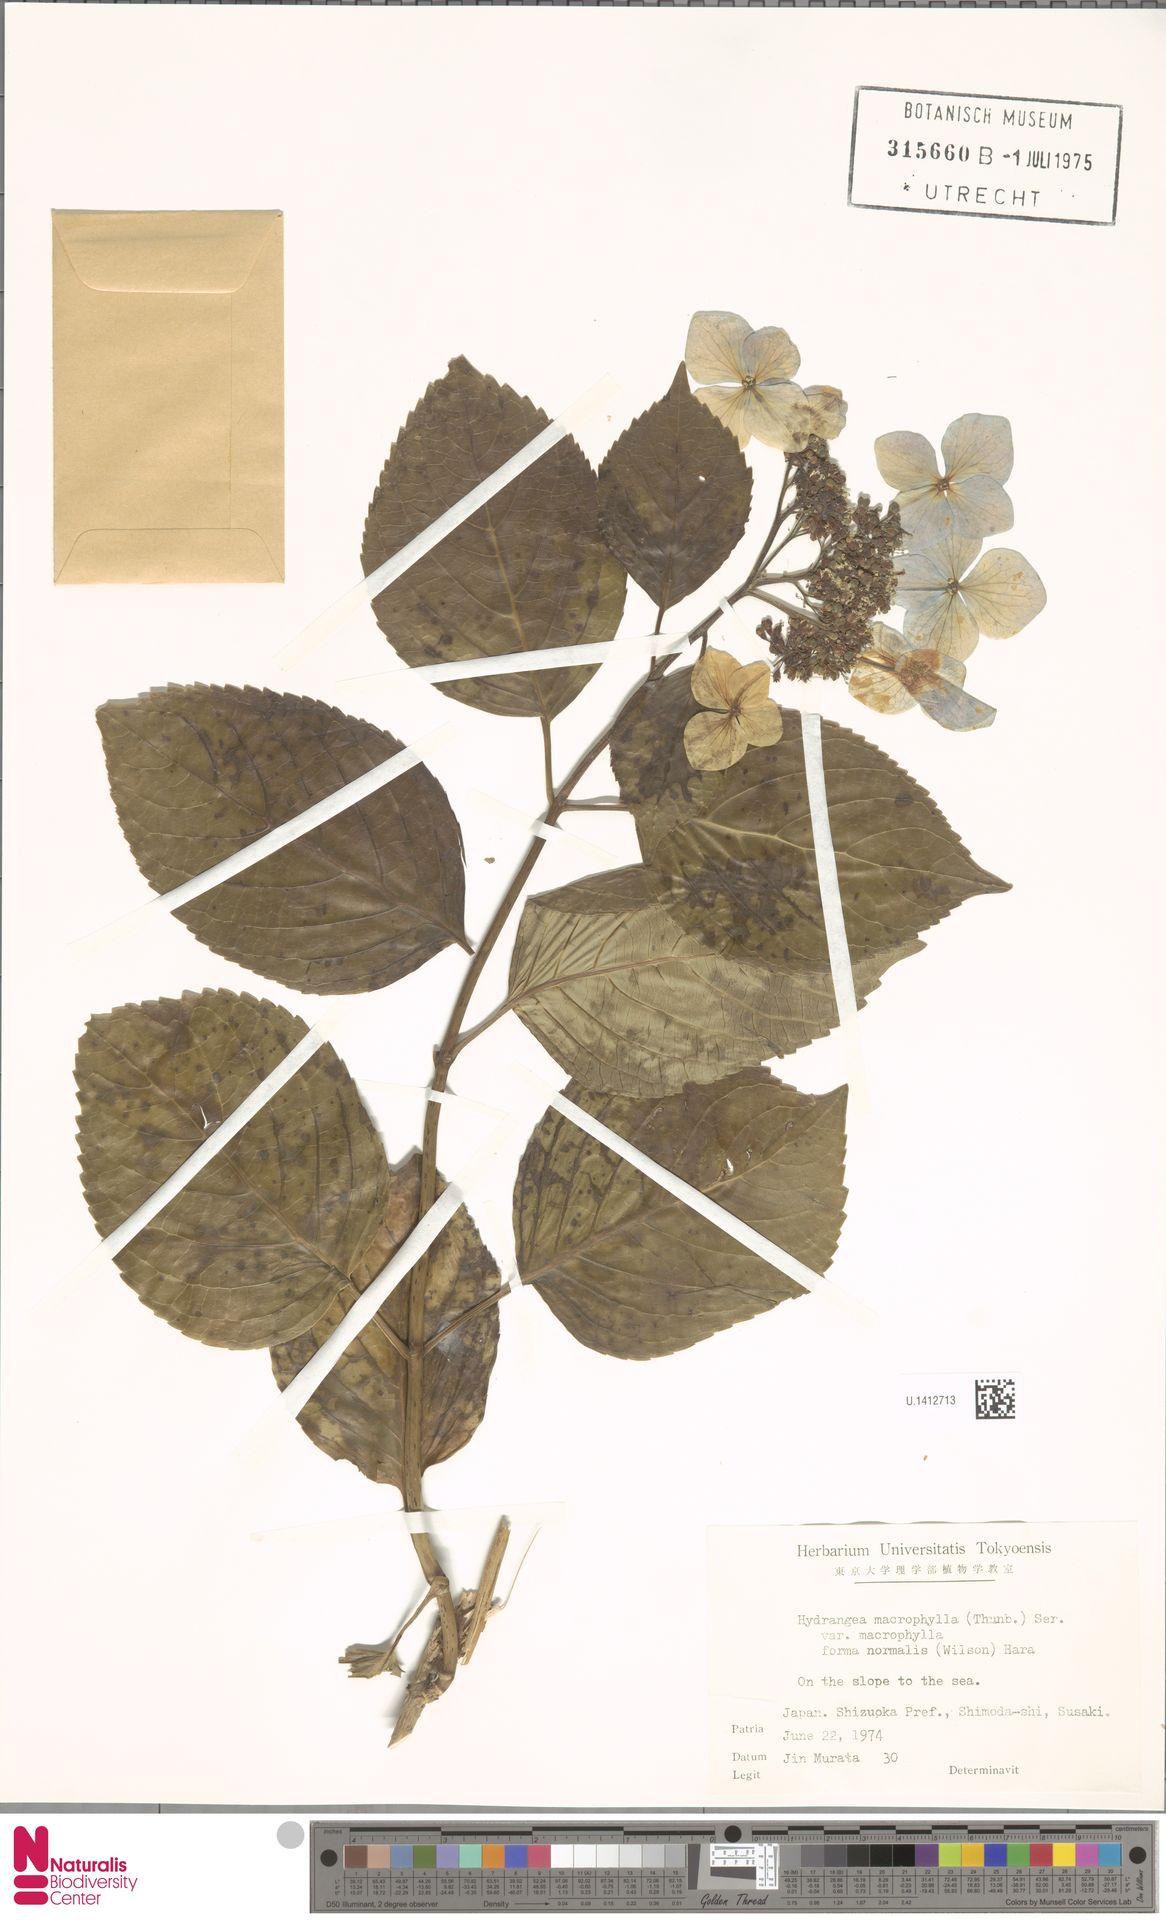 U.1412713   Hydrangea macrophylla f. normalis (Wilson) Hara